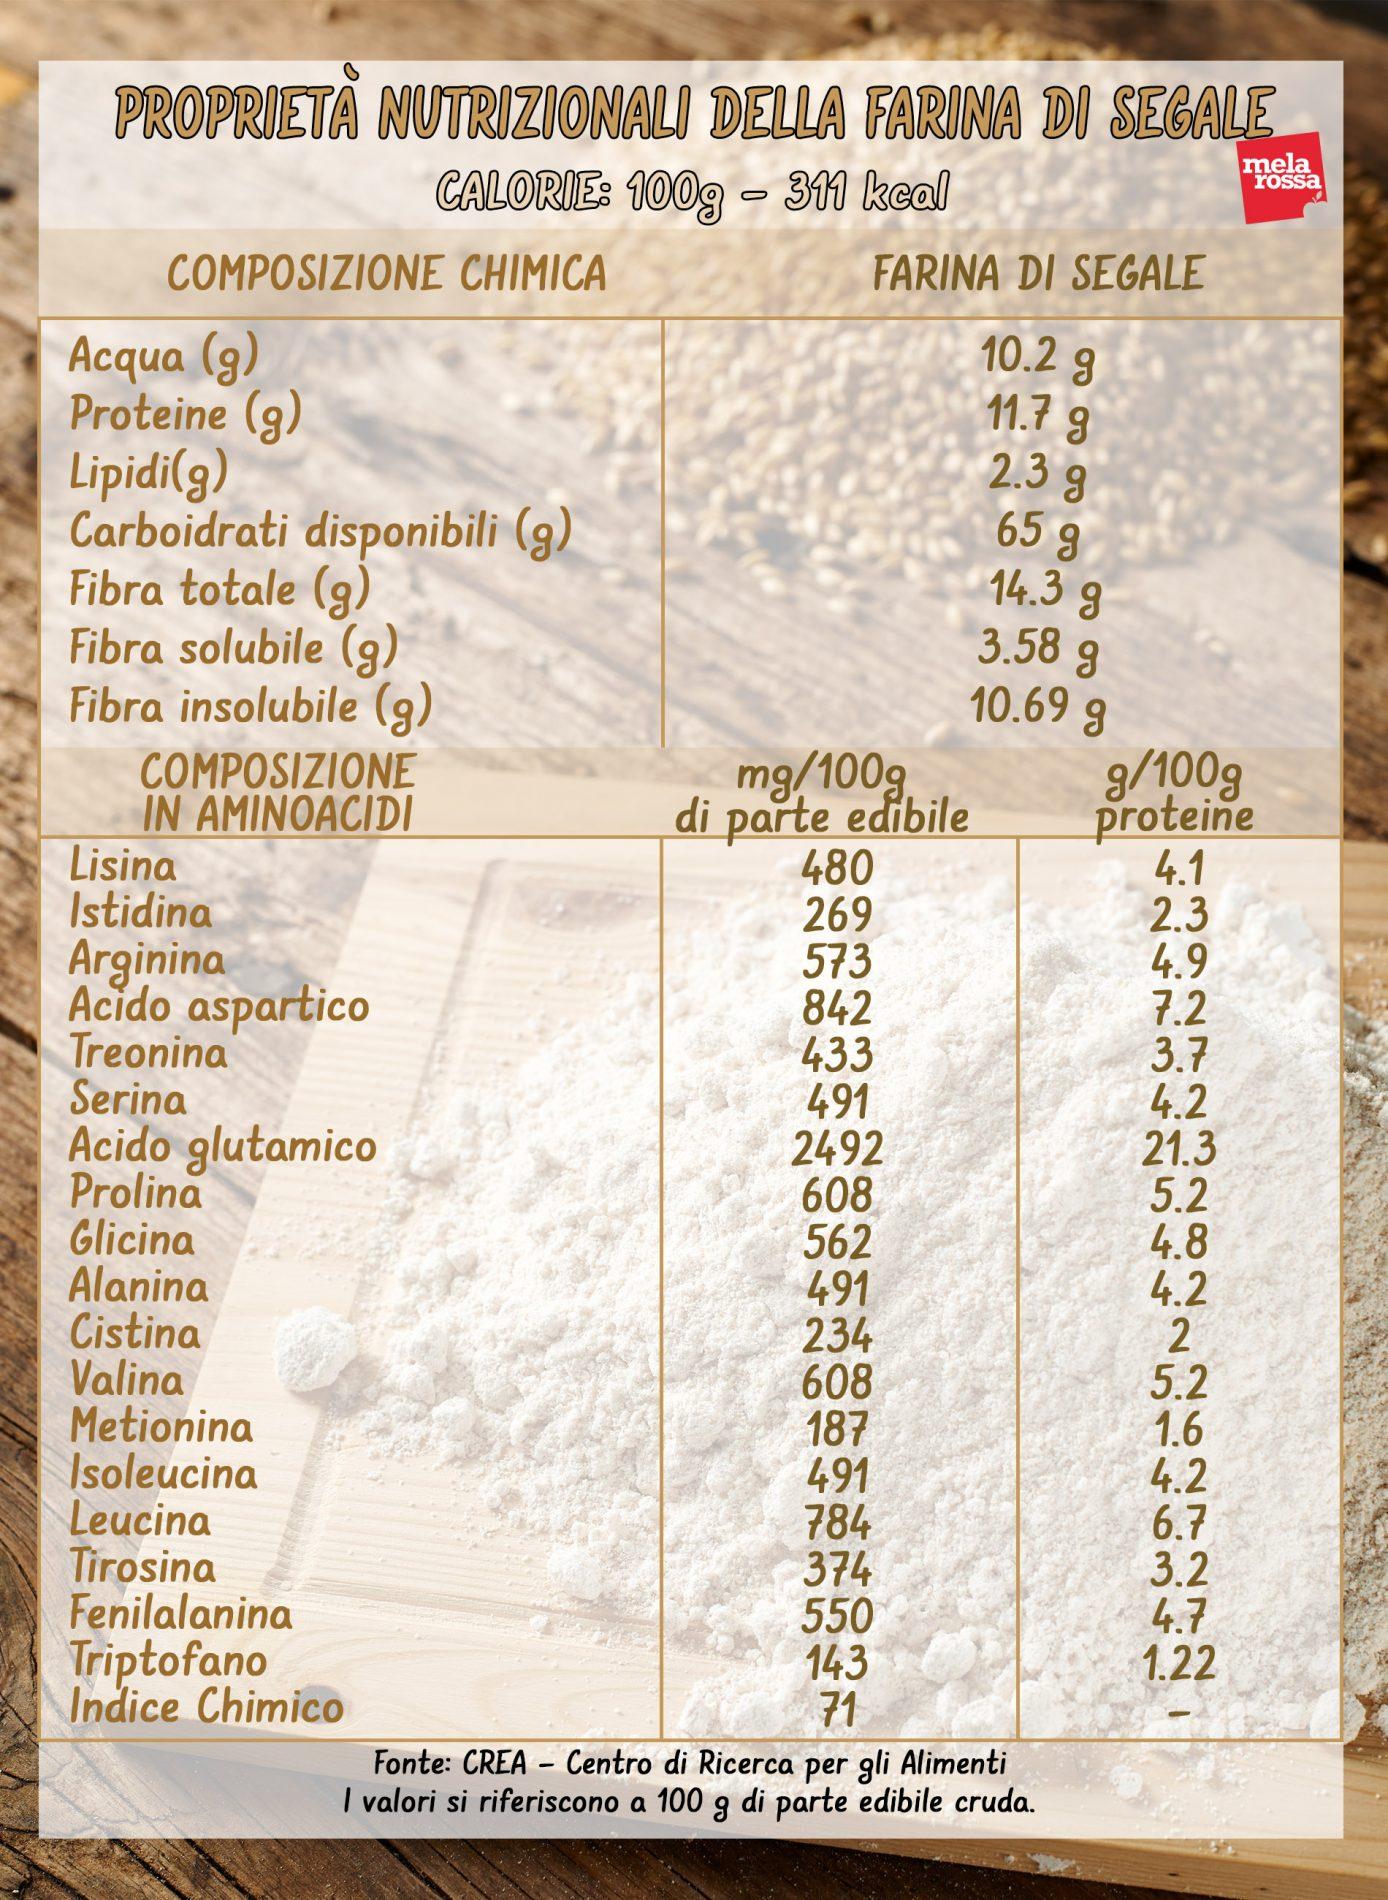 farina di segale: valori nutrizionali